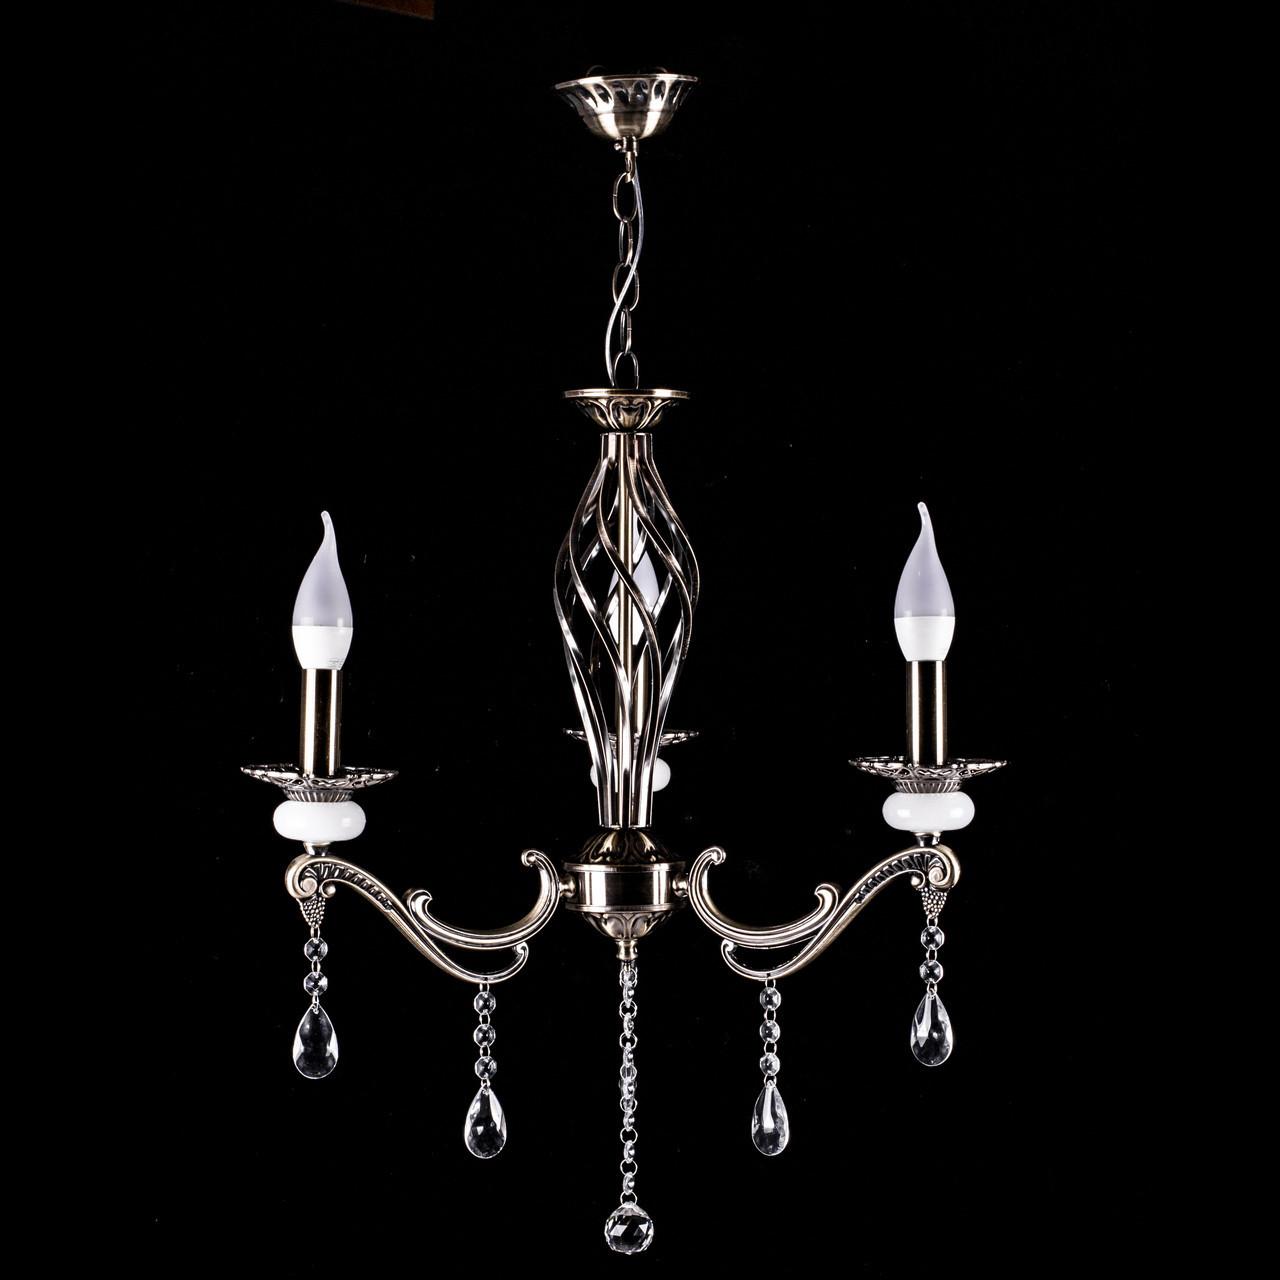 Классическая люстра-свеча на 3 лампочки античная бронза СветМира PM-3609/3